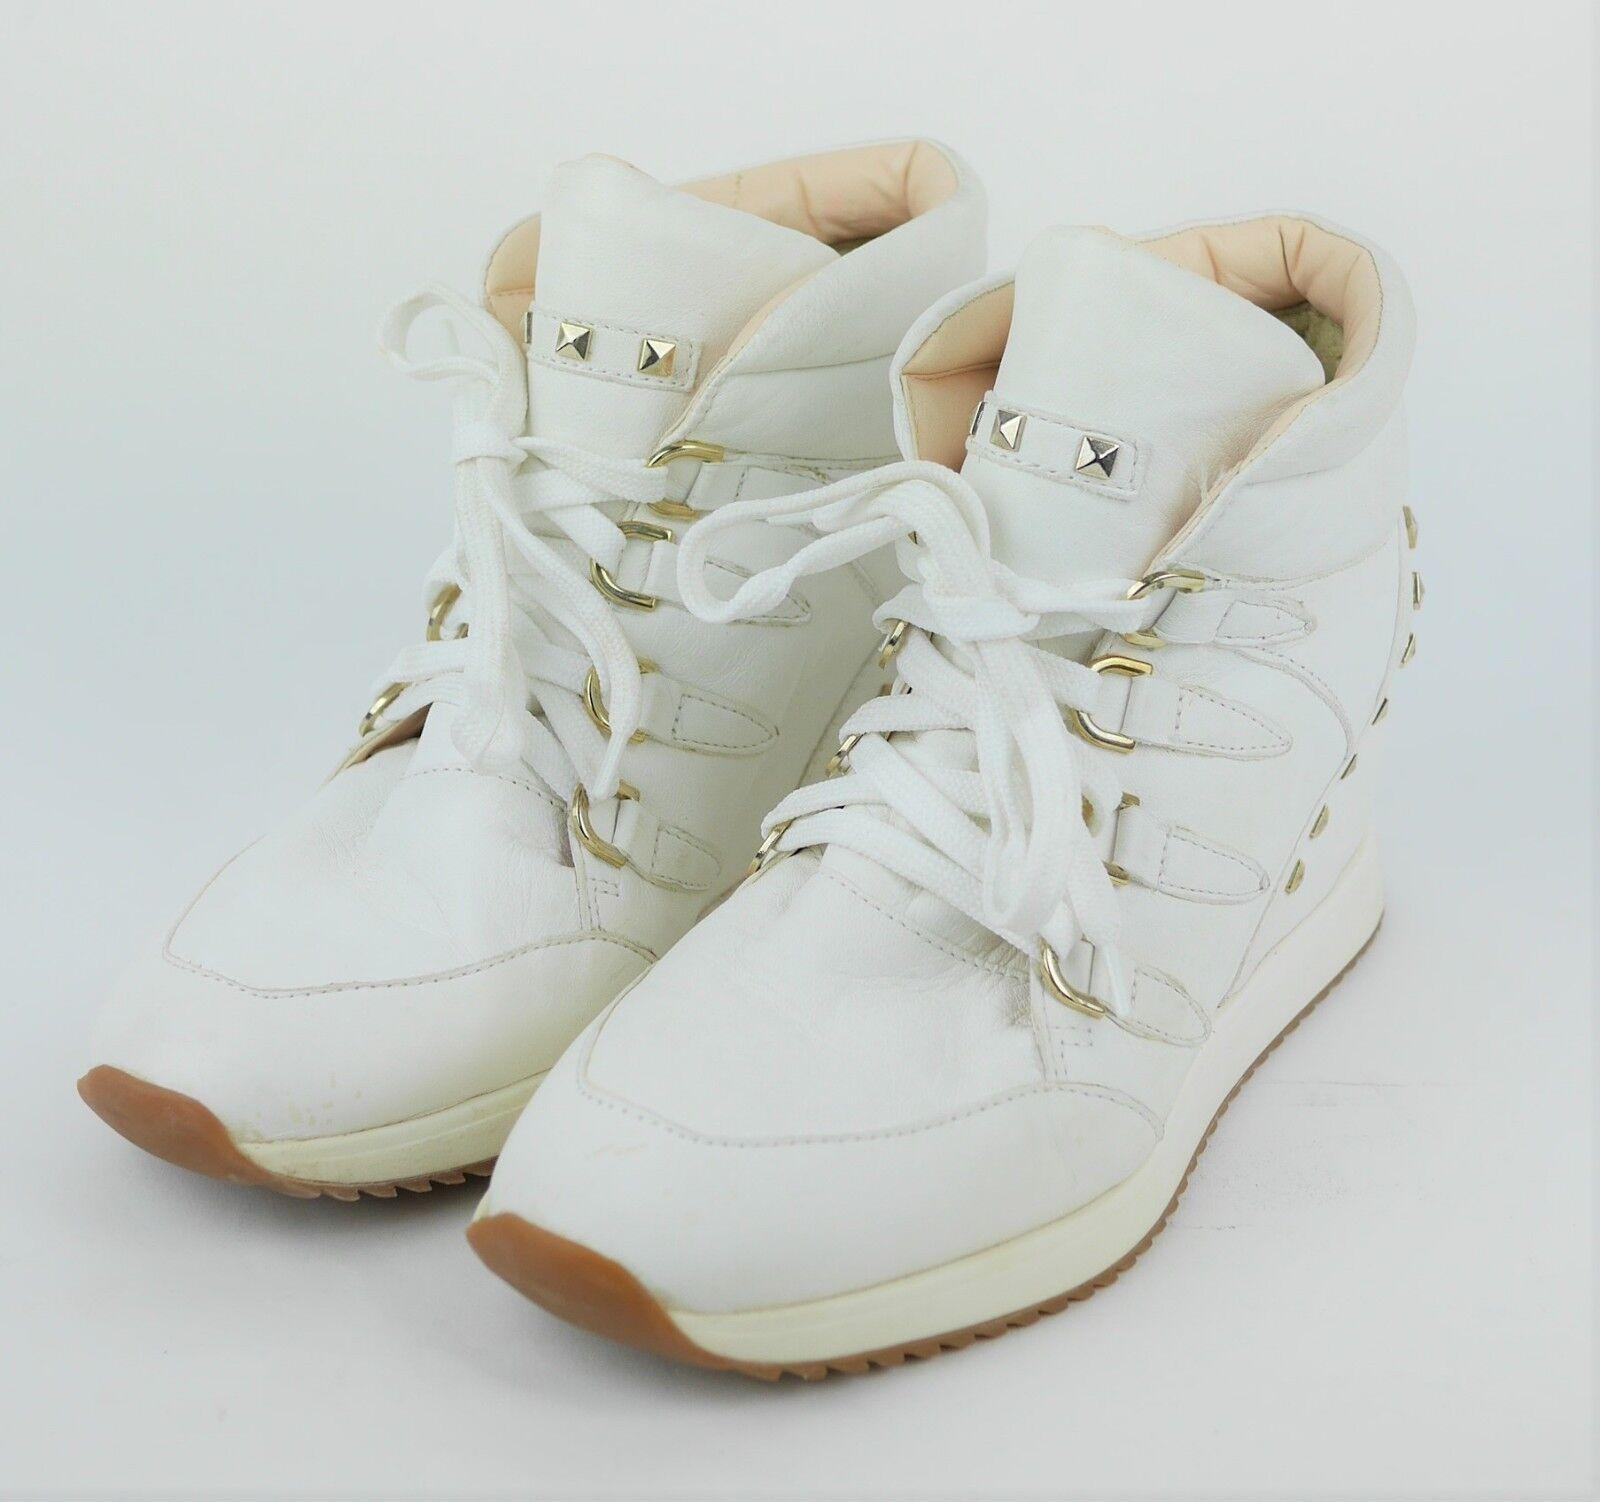 Carvela Kurt Geiger Mujer 6 Crema blancoo blancoo blancoo Apagado High Top Zapatillas Zapatos Con Tacón De Cuña  tomar hasta un 70% de descuento